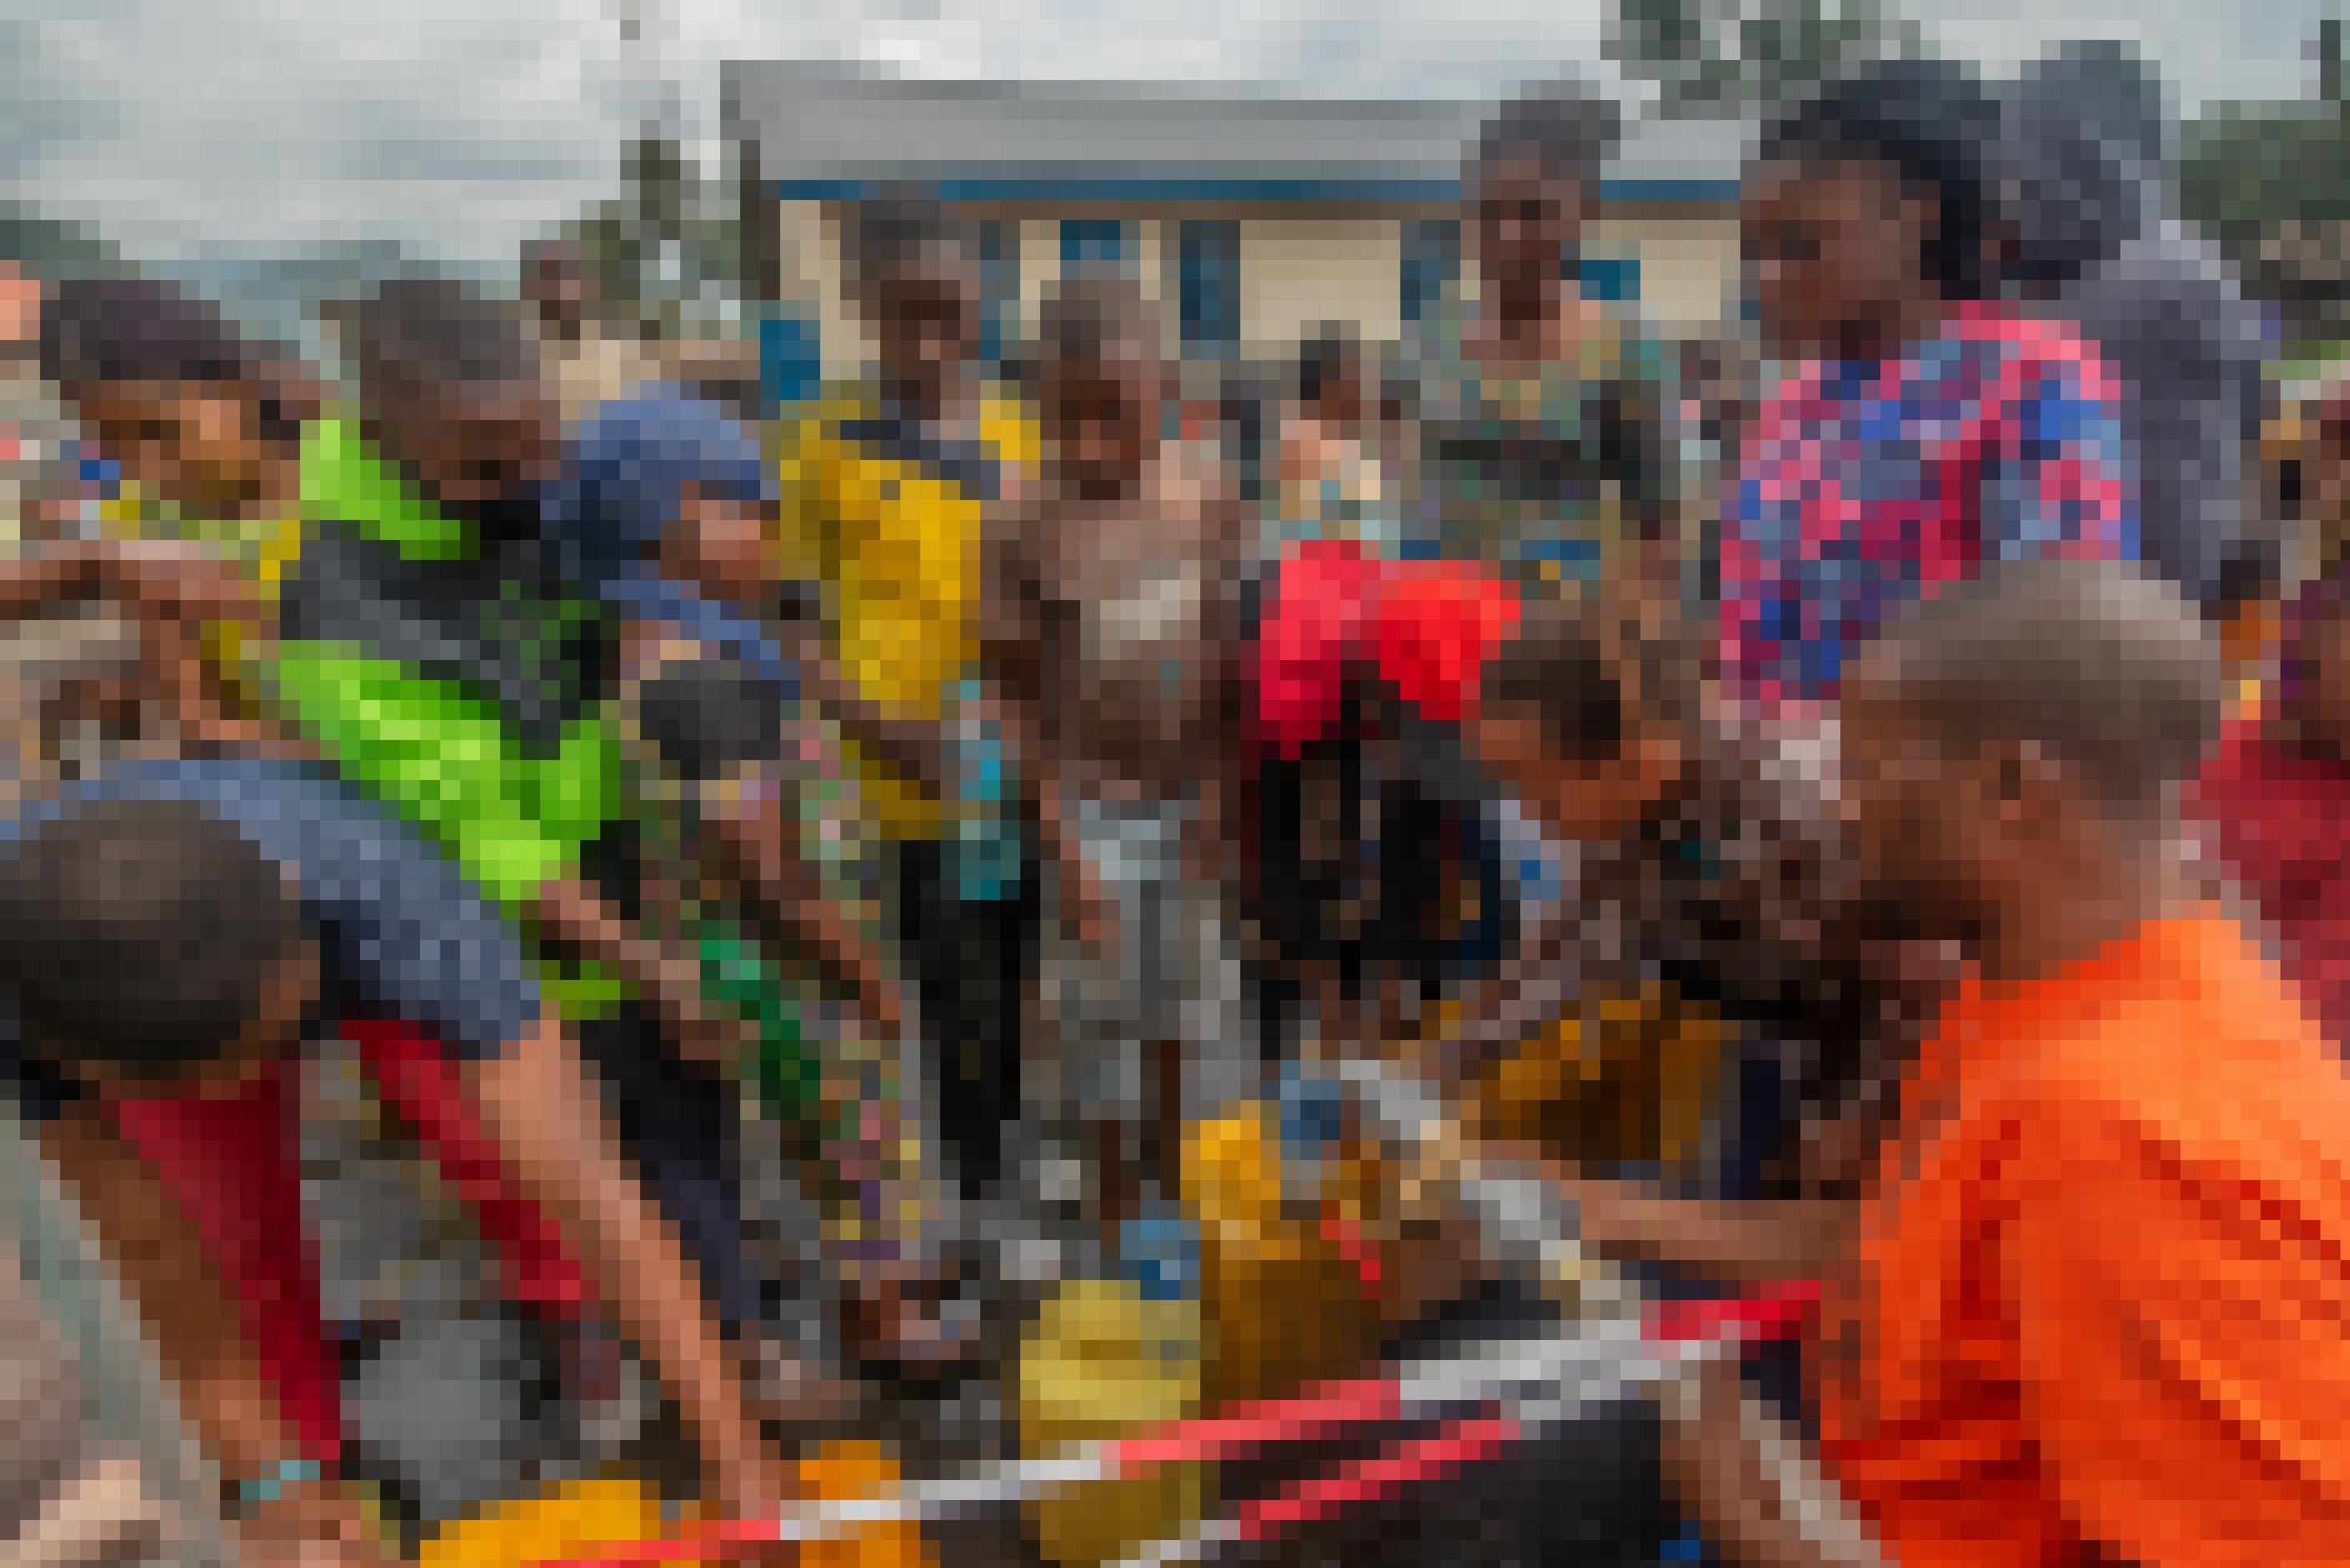 Menschen stehen Schlange für Trinkwasser, das sie dann in gelben 20-Liter-Plastikkanistern mitnehmen.